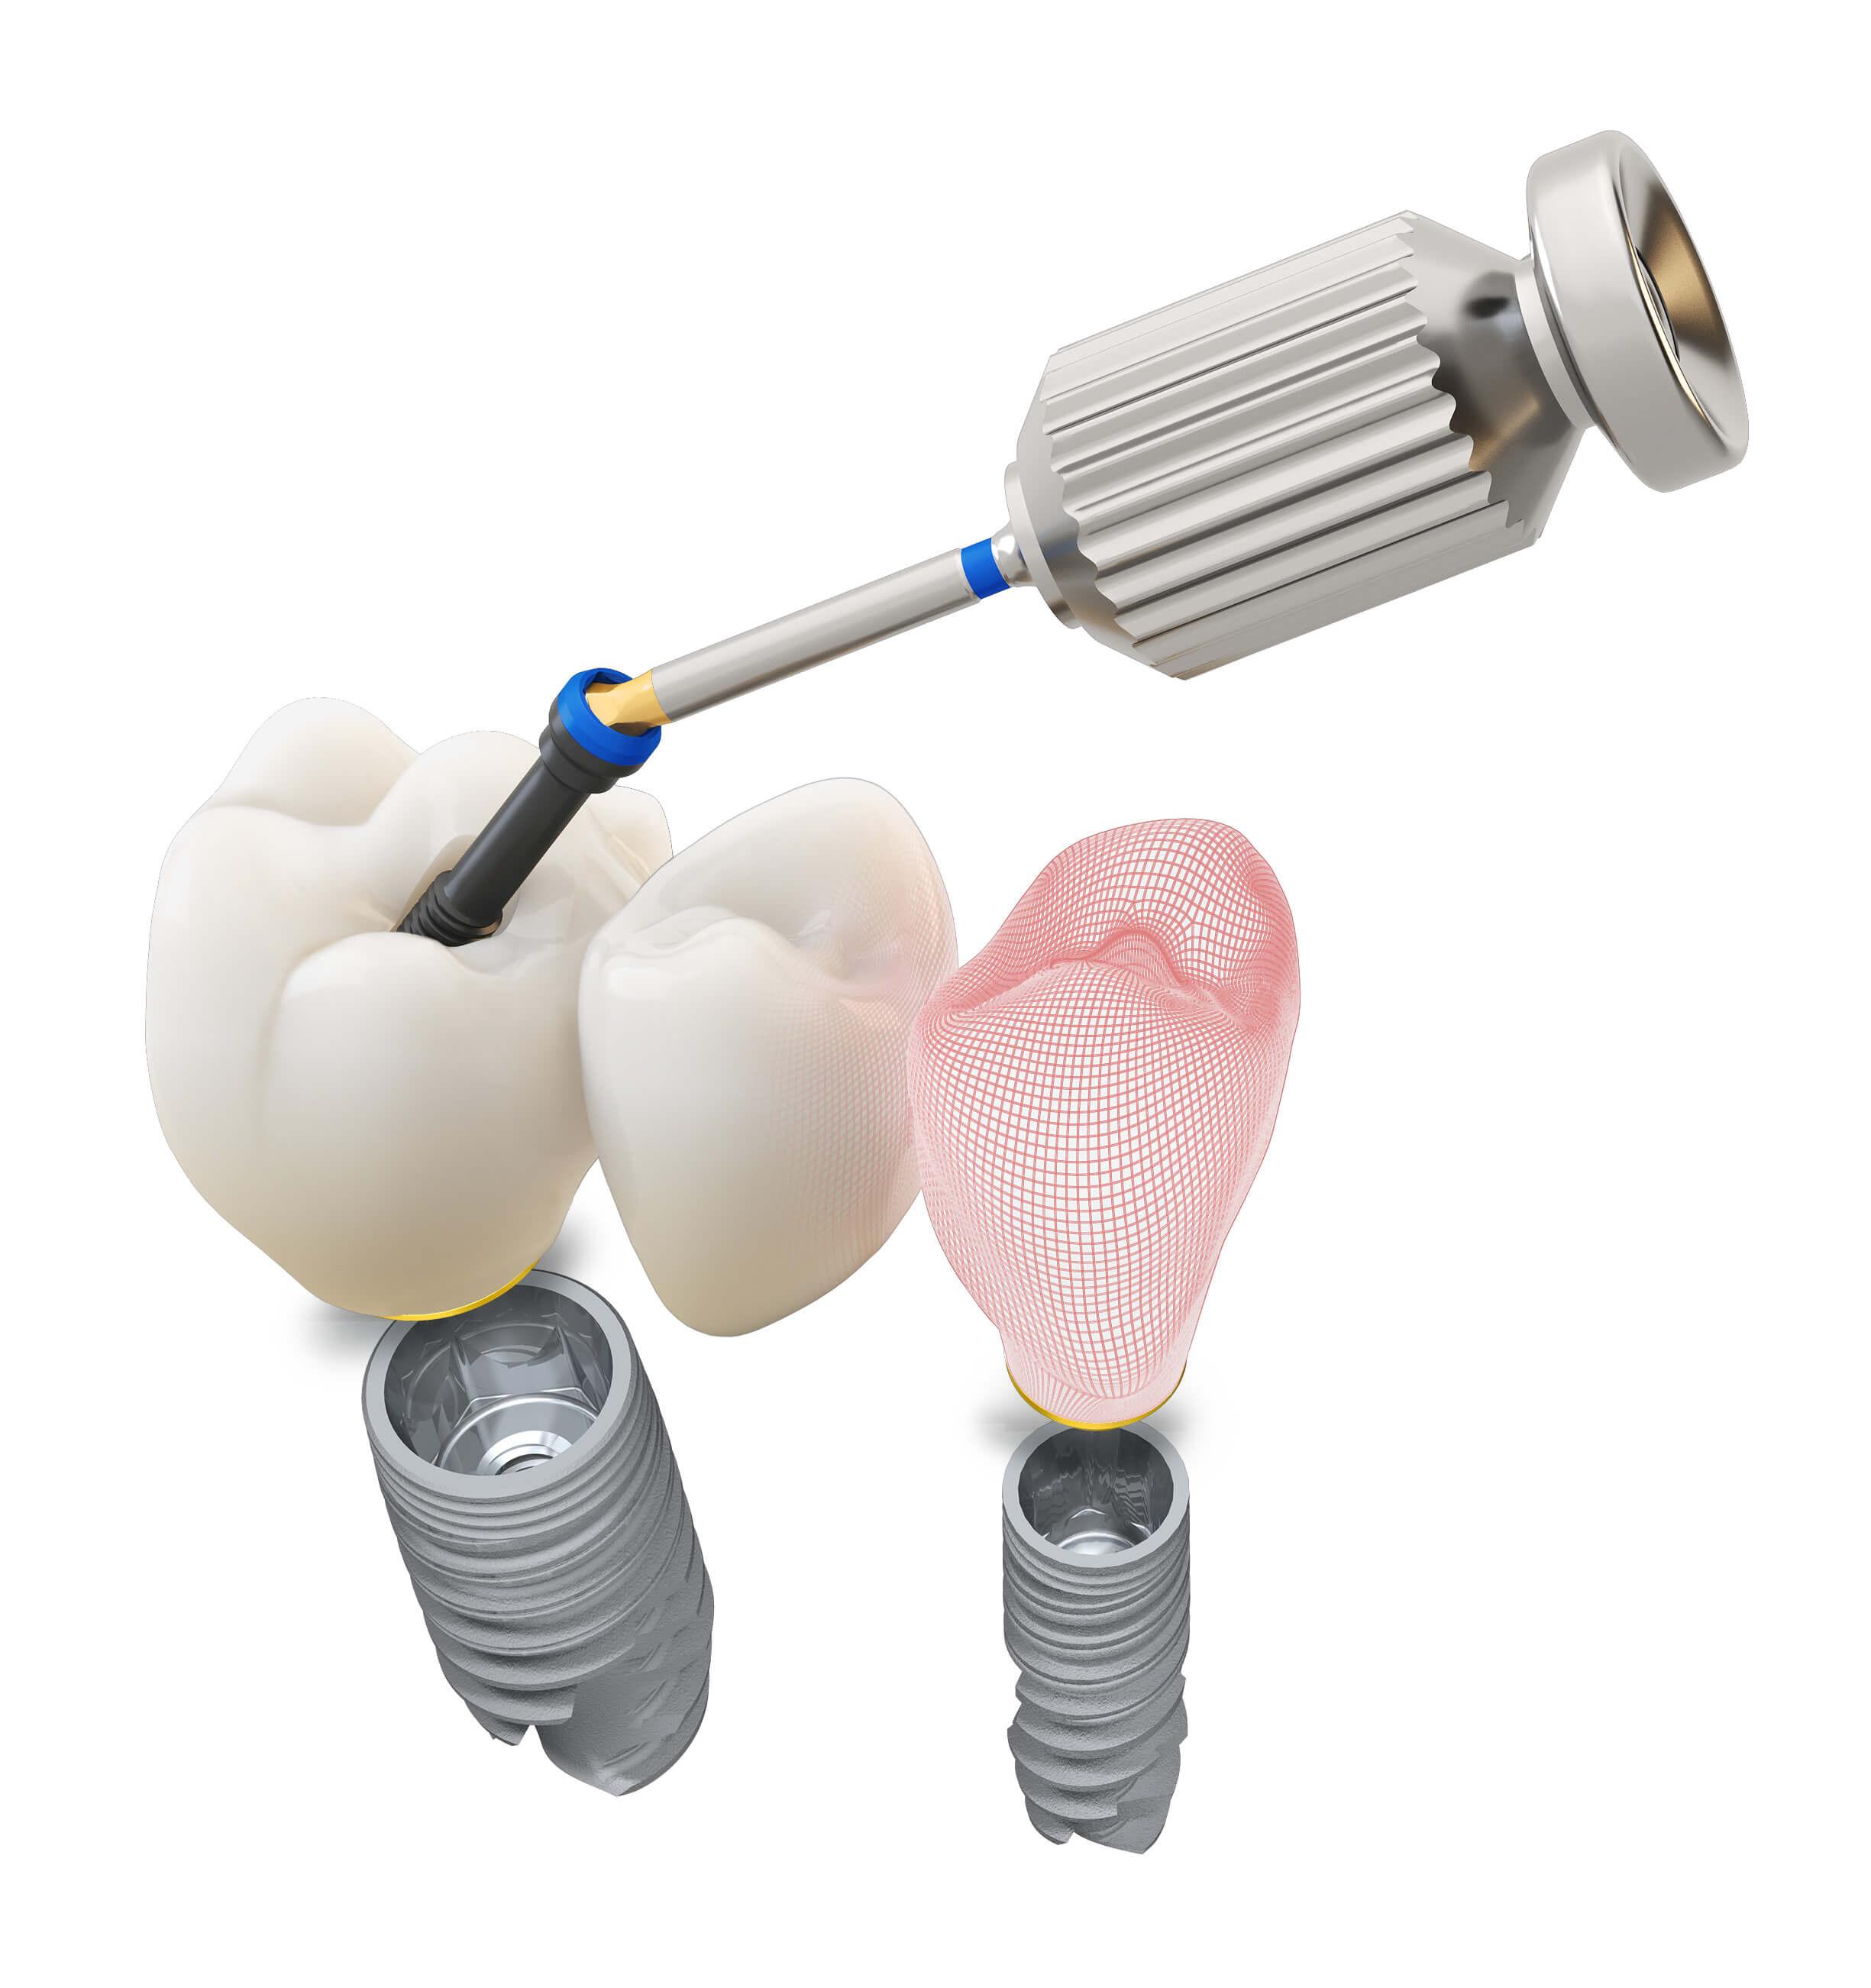 Passgenauer Zahnersatz für Zahnimplantate nach digitaler Abformung